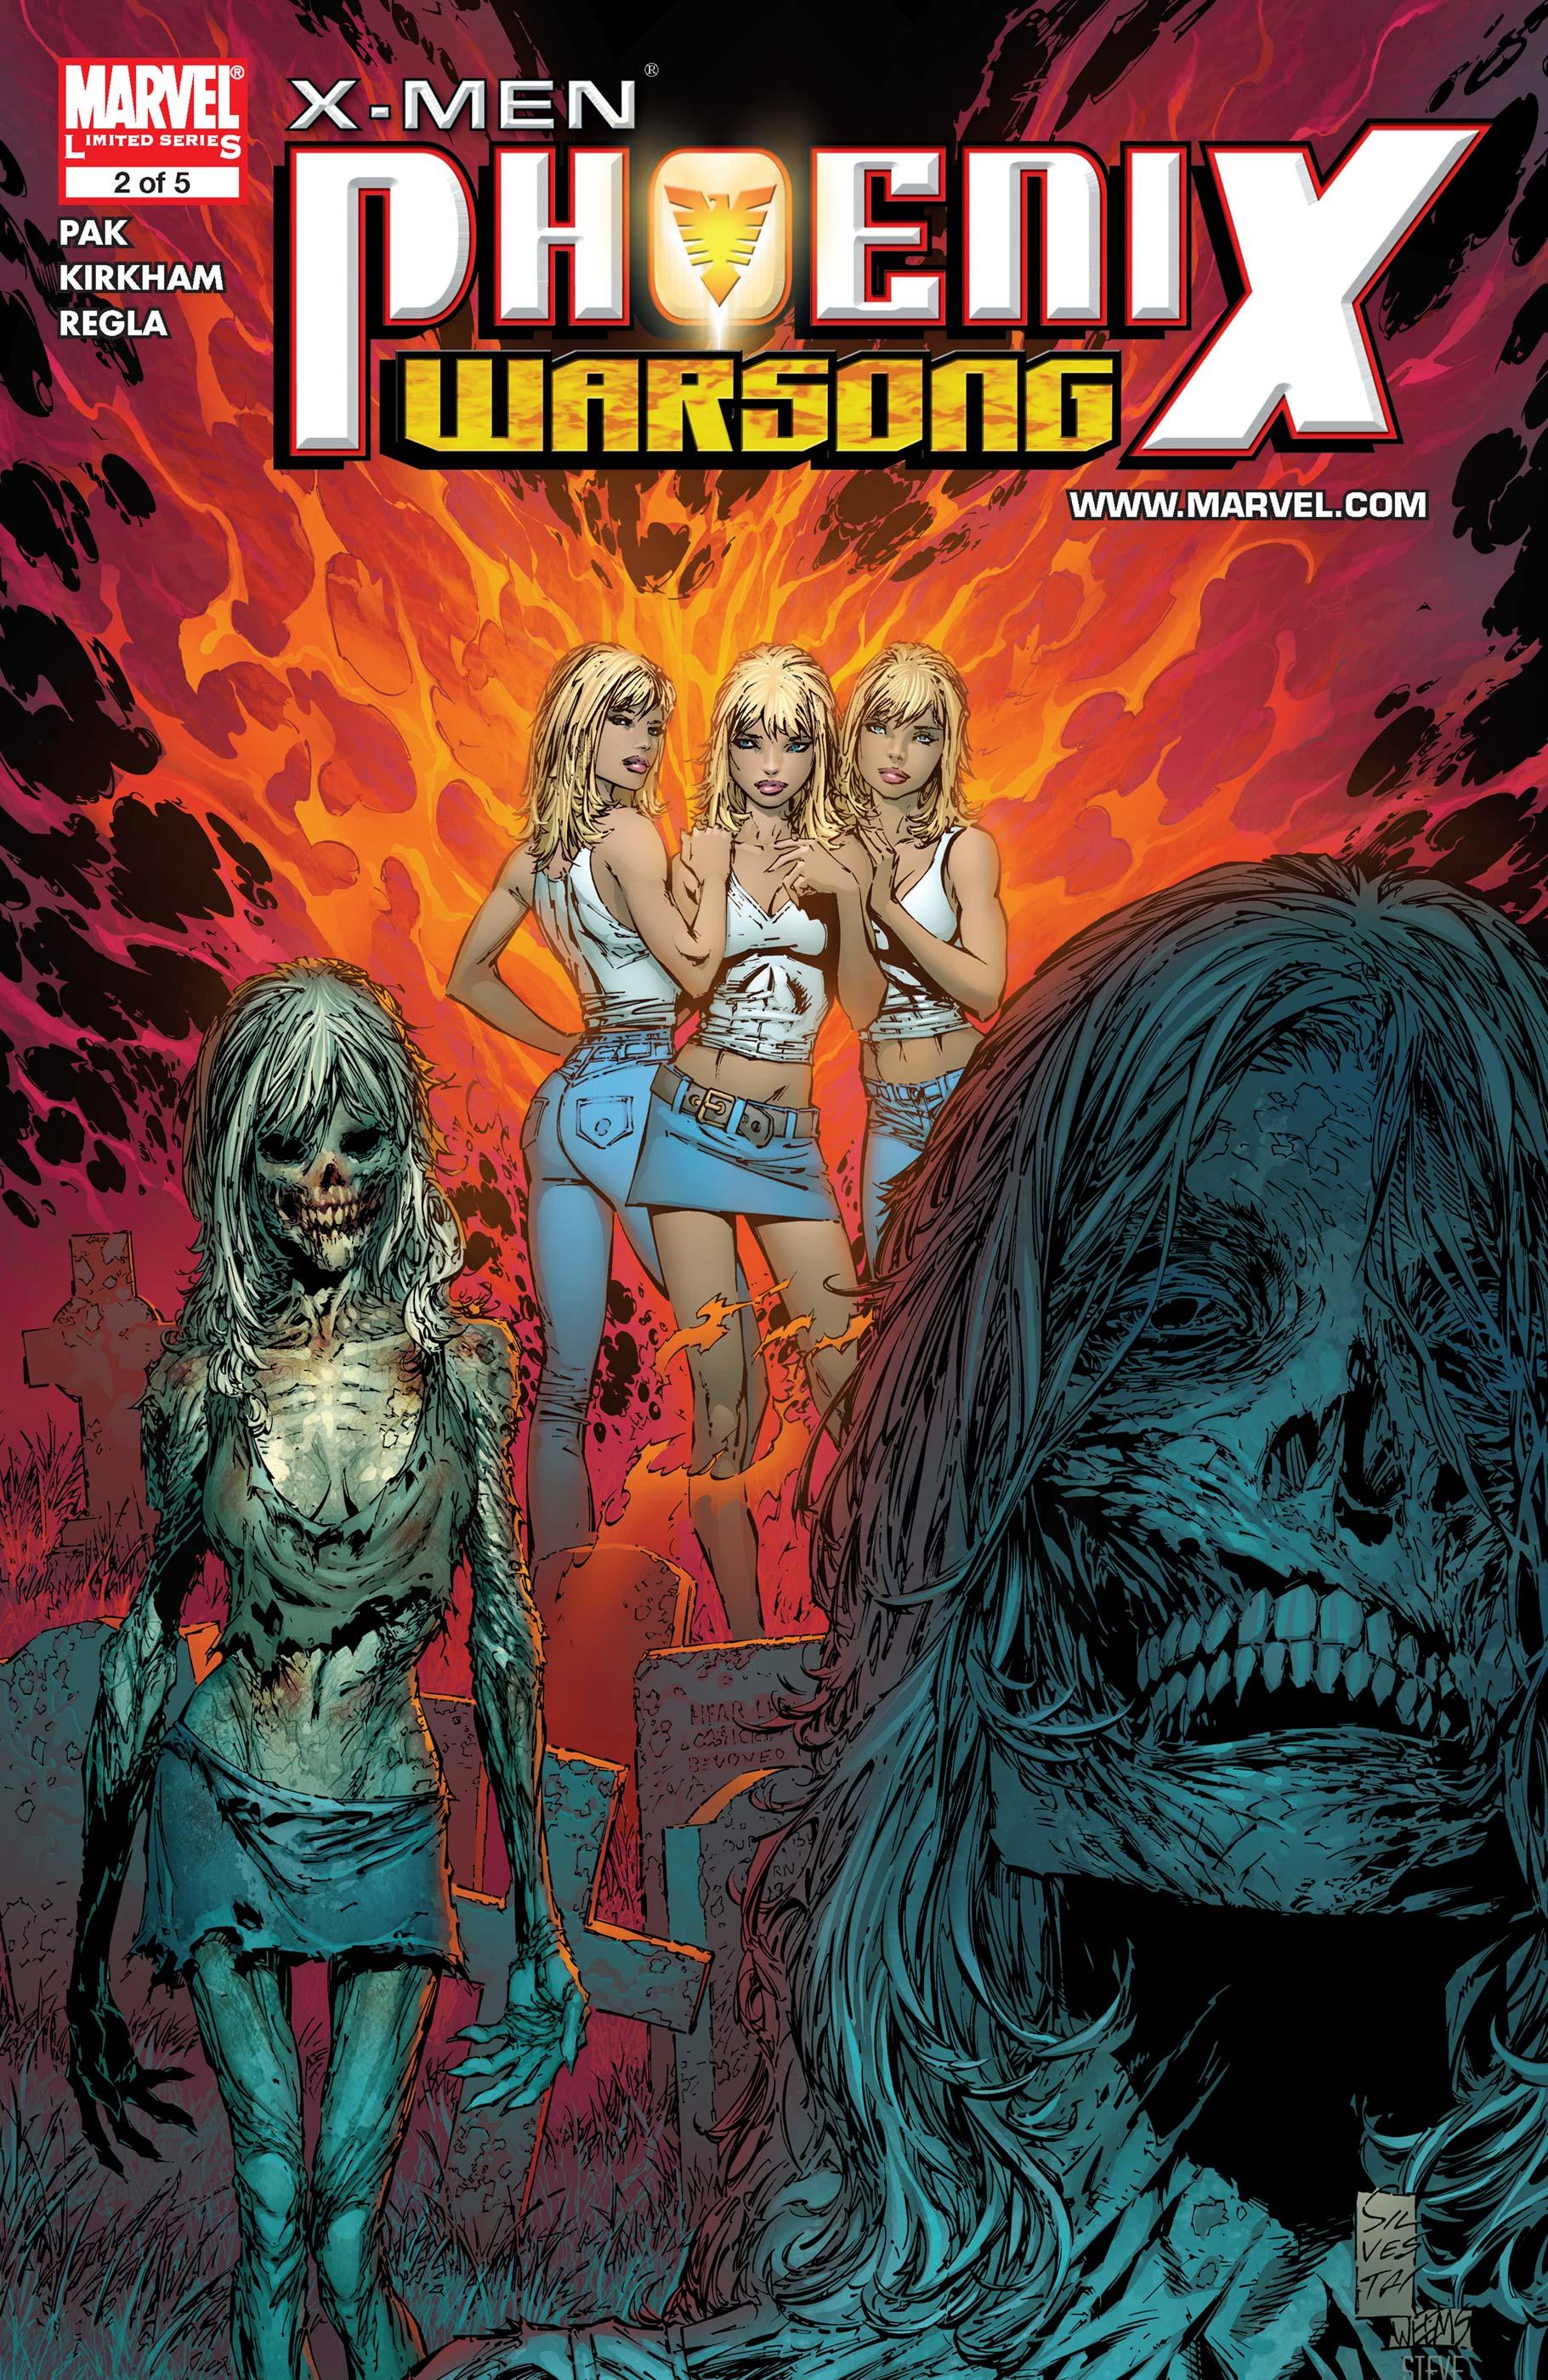 X-Men: Phoenix - Warsong (2006) #2